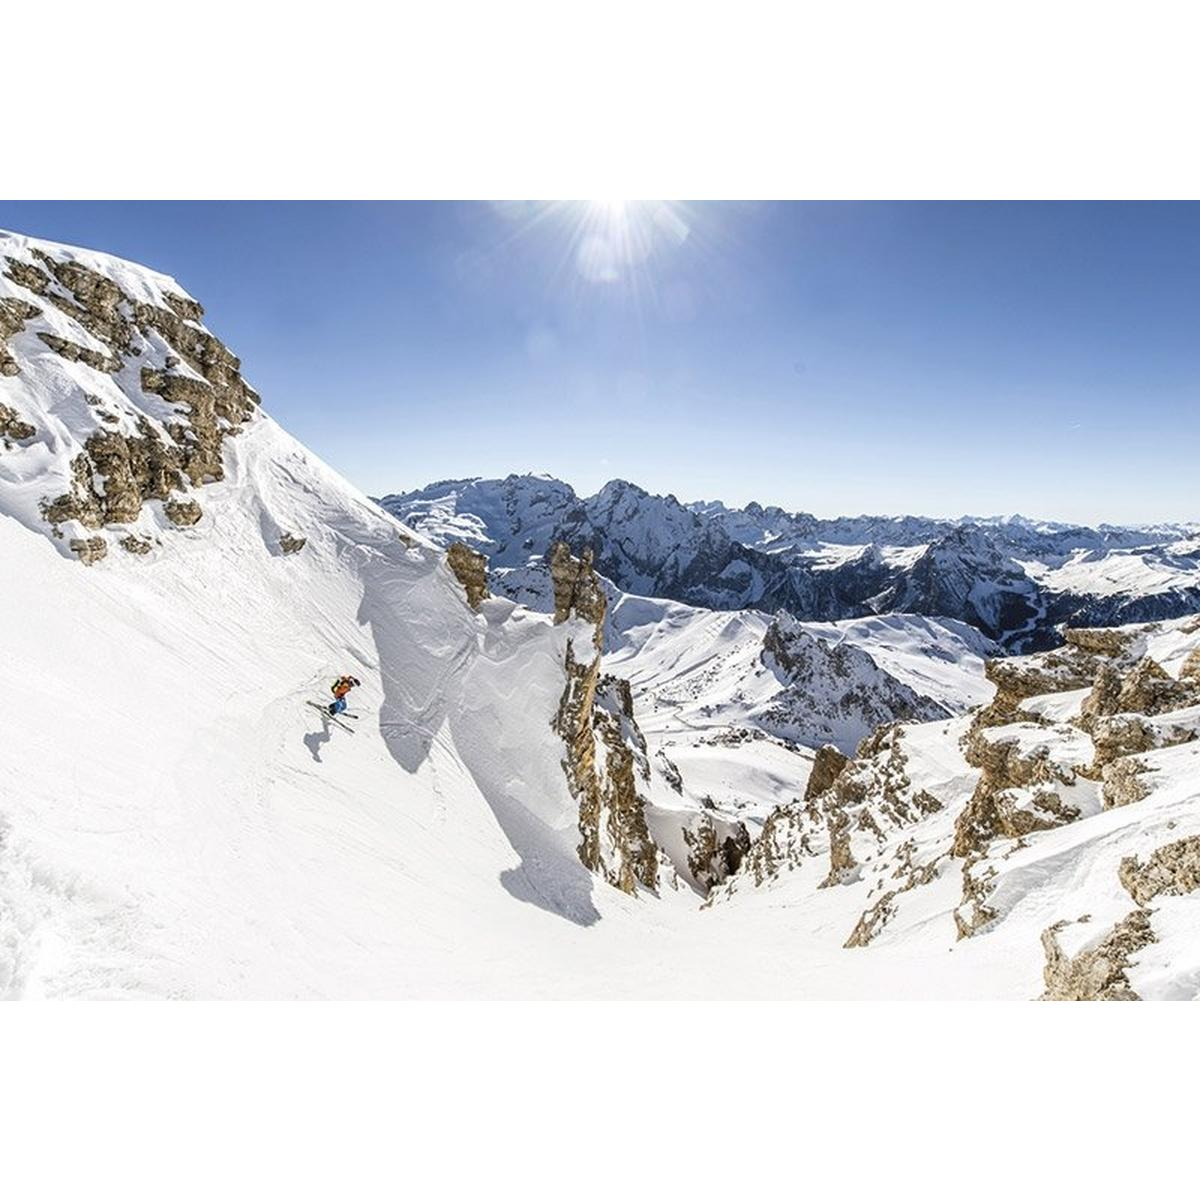 Cicerone Ski Touring In The Dolomites